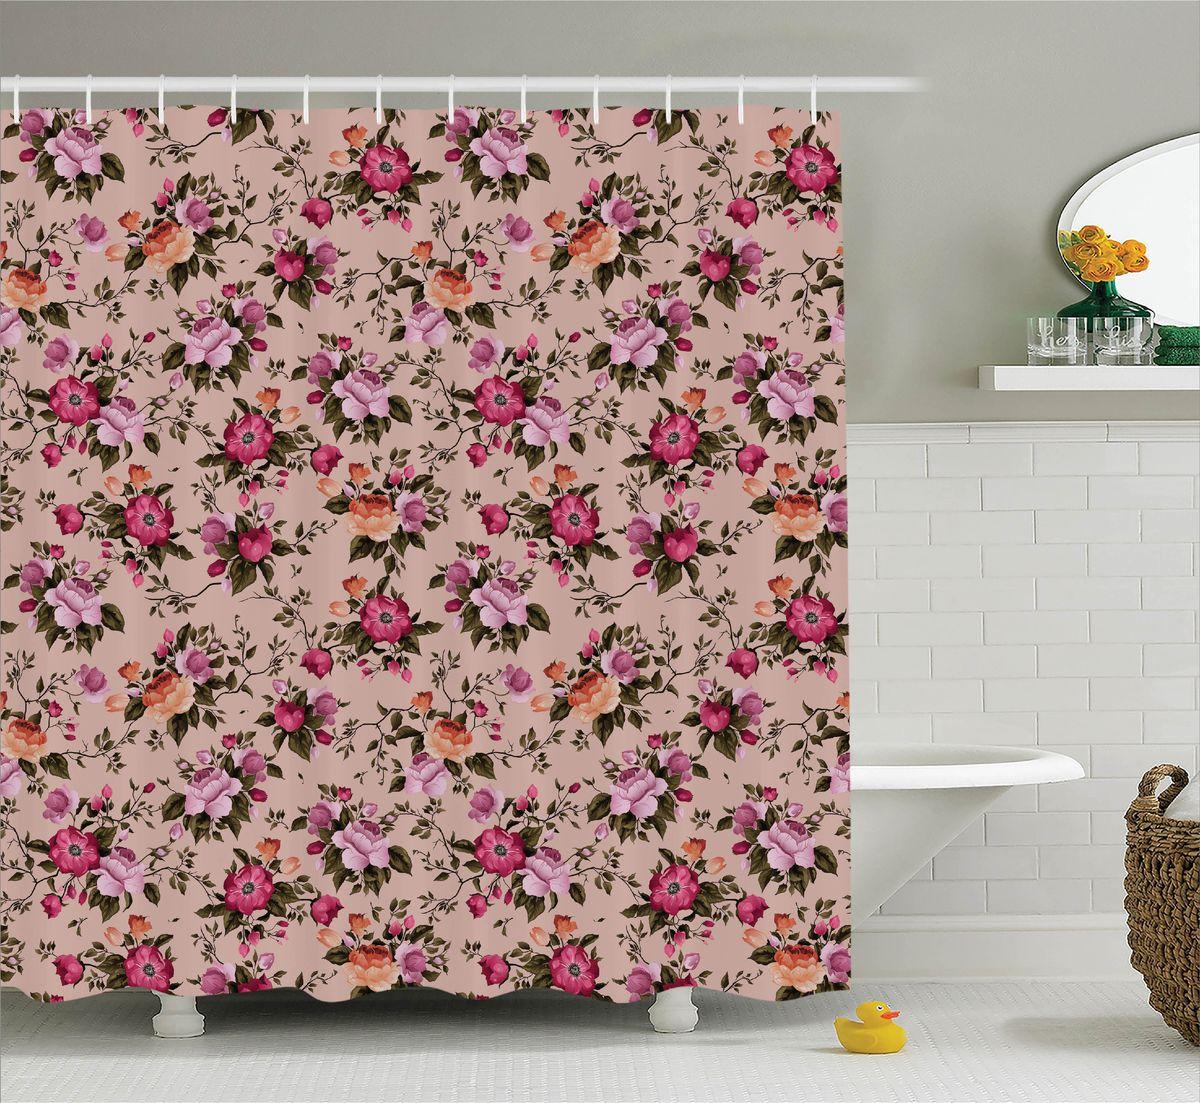 Штора для ванной комнаты Magic Lady Разноцветные розы в стиле ретро, 180 х 200 смшв_11413Штора Magic Lady Разноцветные розы в стиле ретро, изготовленная из высококачественного сатена (полиэстер 100%), отлично дополнит любой интерьер ванной комнаты. При изготовлении используются специальные гипоаллергенные чернила для прямой печати по ткани, безопасные для человека. В комплекте: 1 штора, 12 крючков. Обращаем ваше внимание, фактический цвет изделия может незначительно отличаться от представленного на фото.